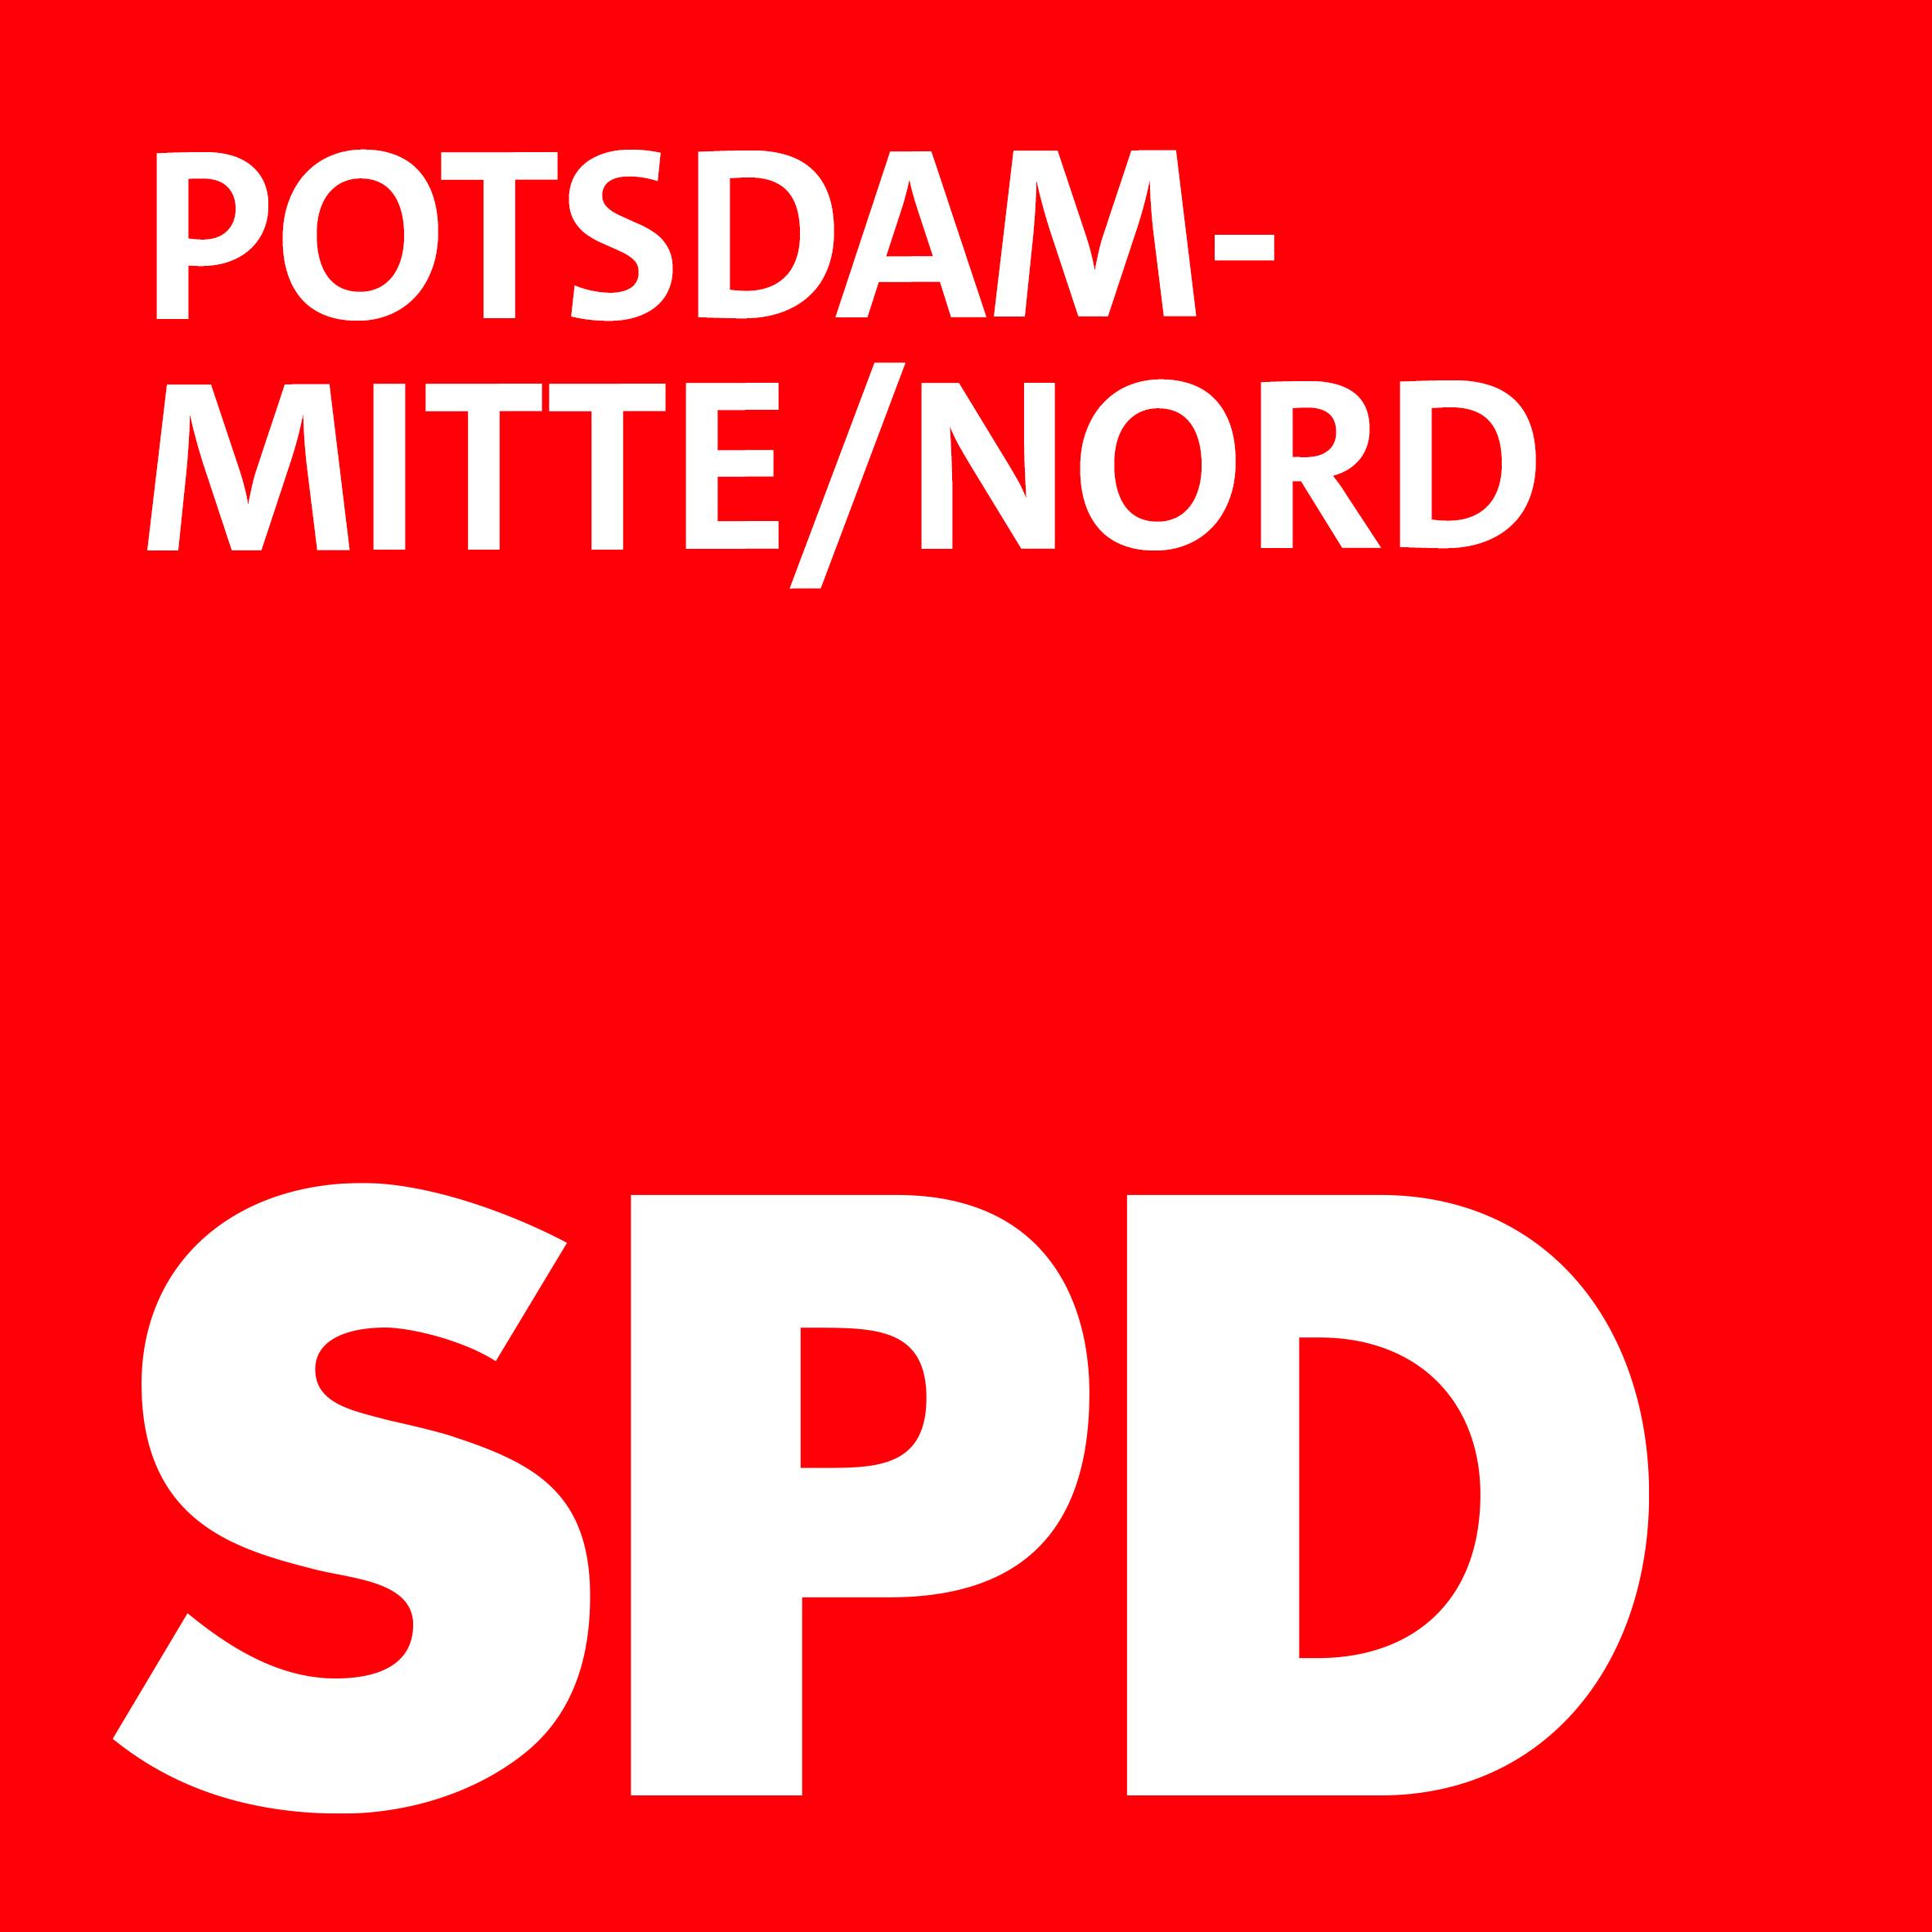 SPD Potsdam-Mitte/Nord